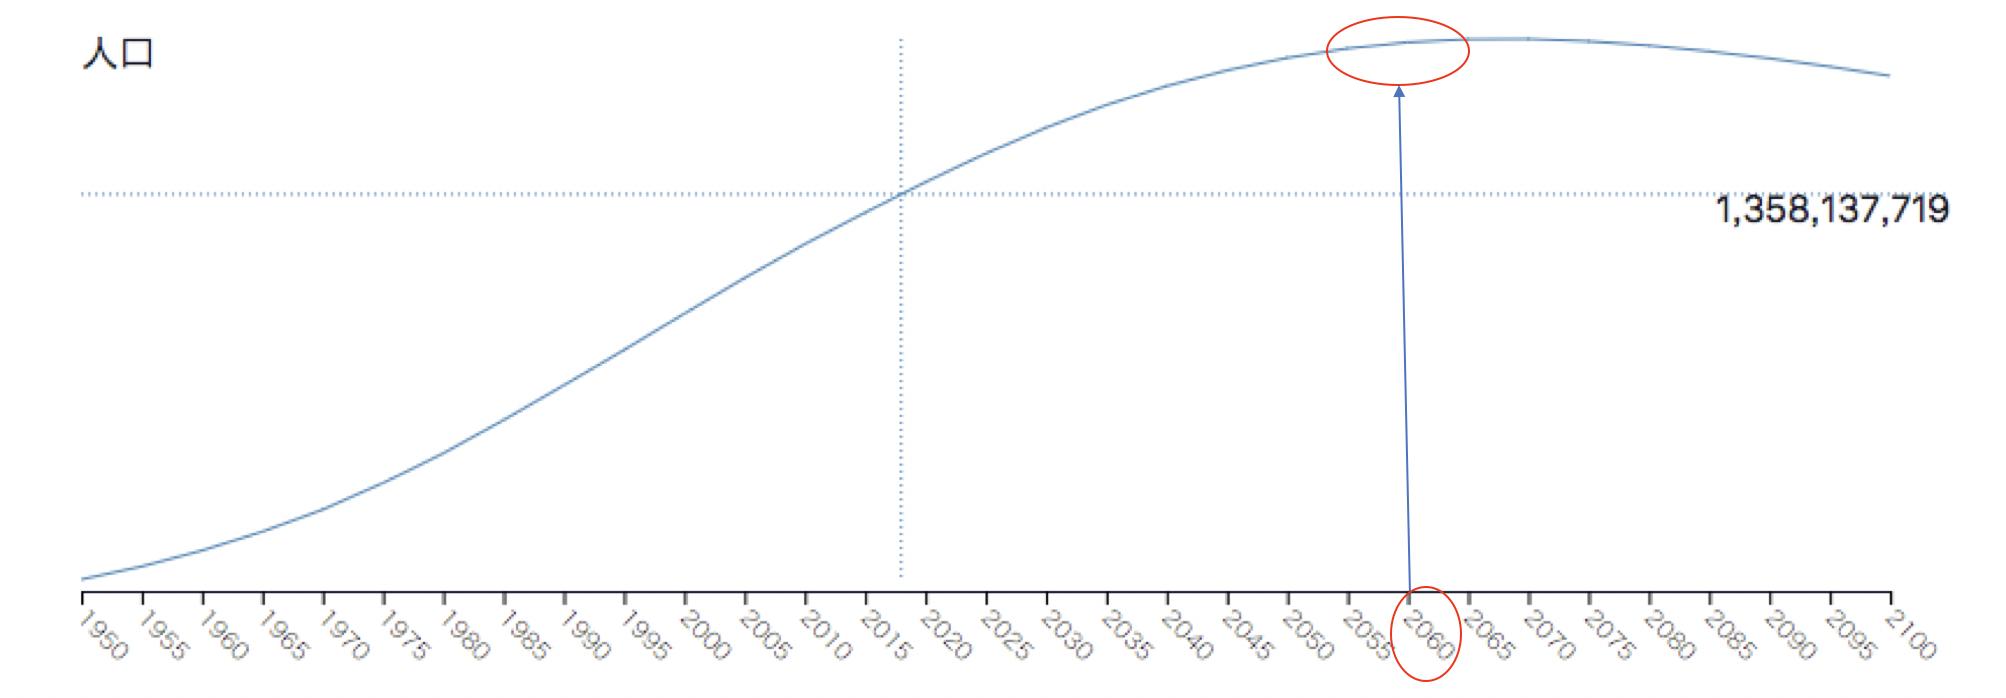 インド人口推移